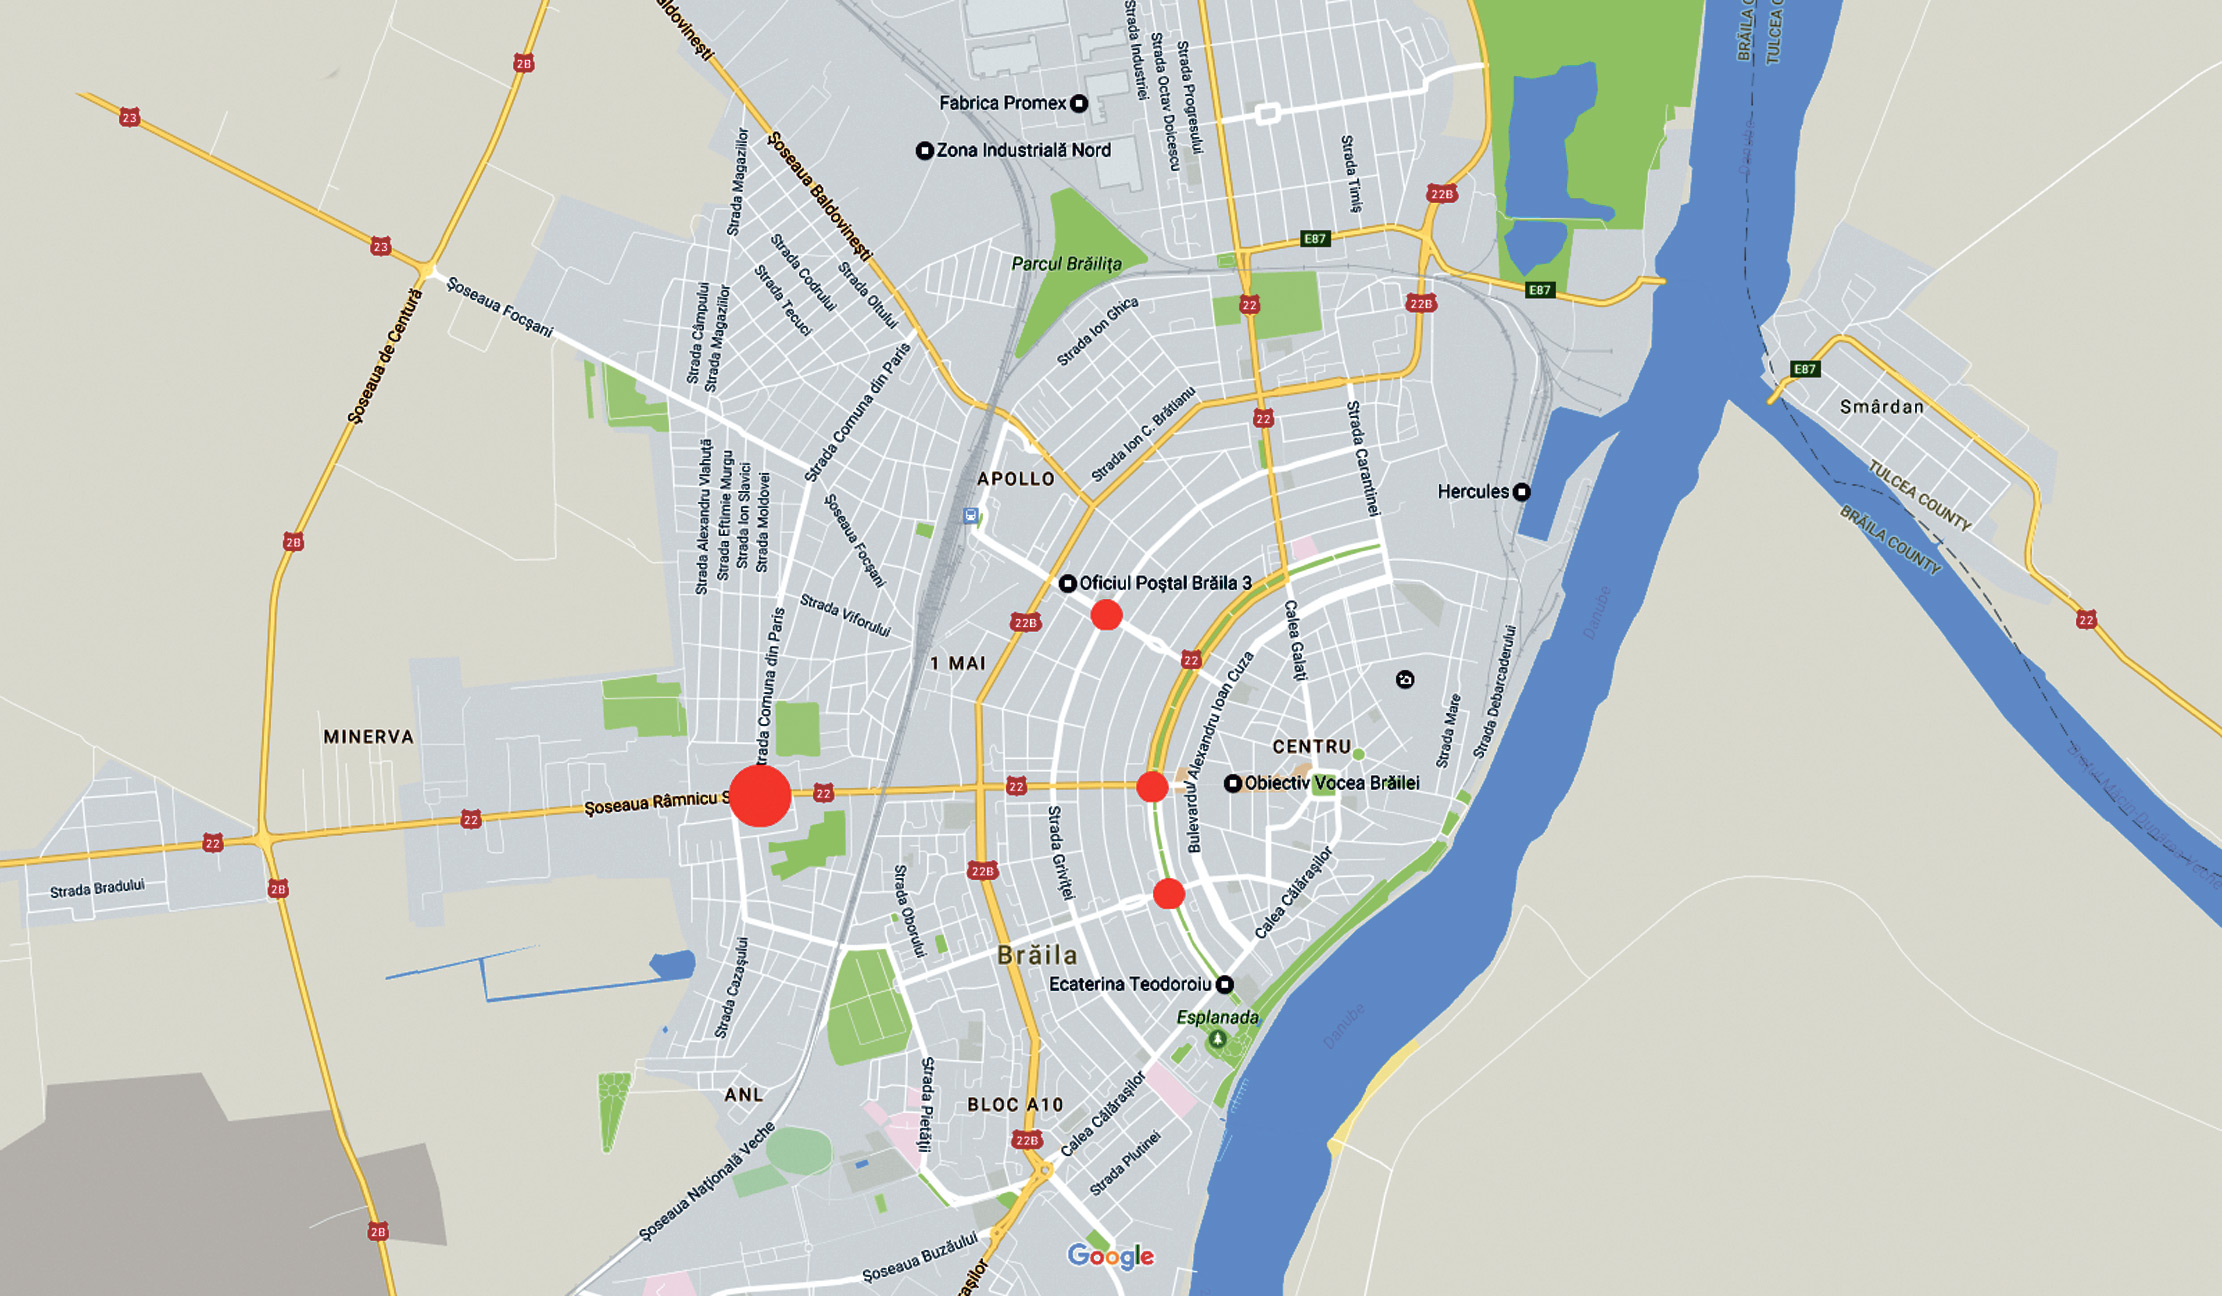 Harta Insangerată A Brăilei Obiectiv Vocea Brailei